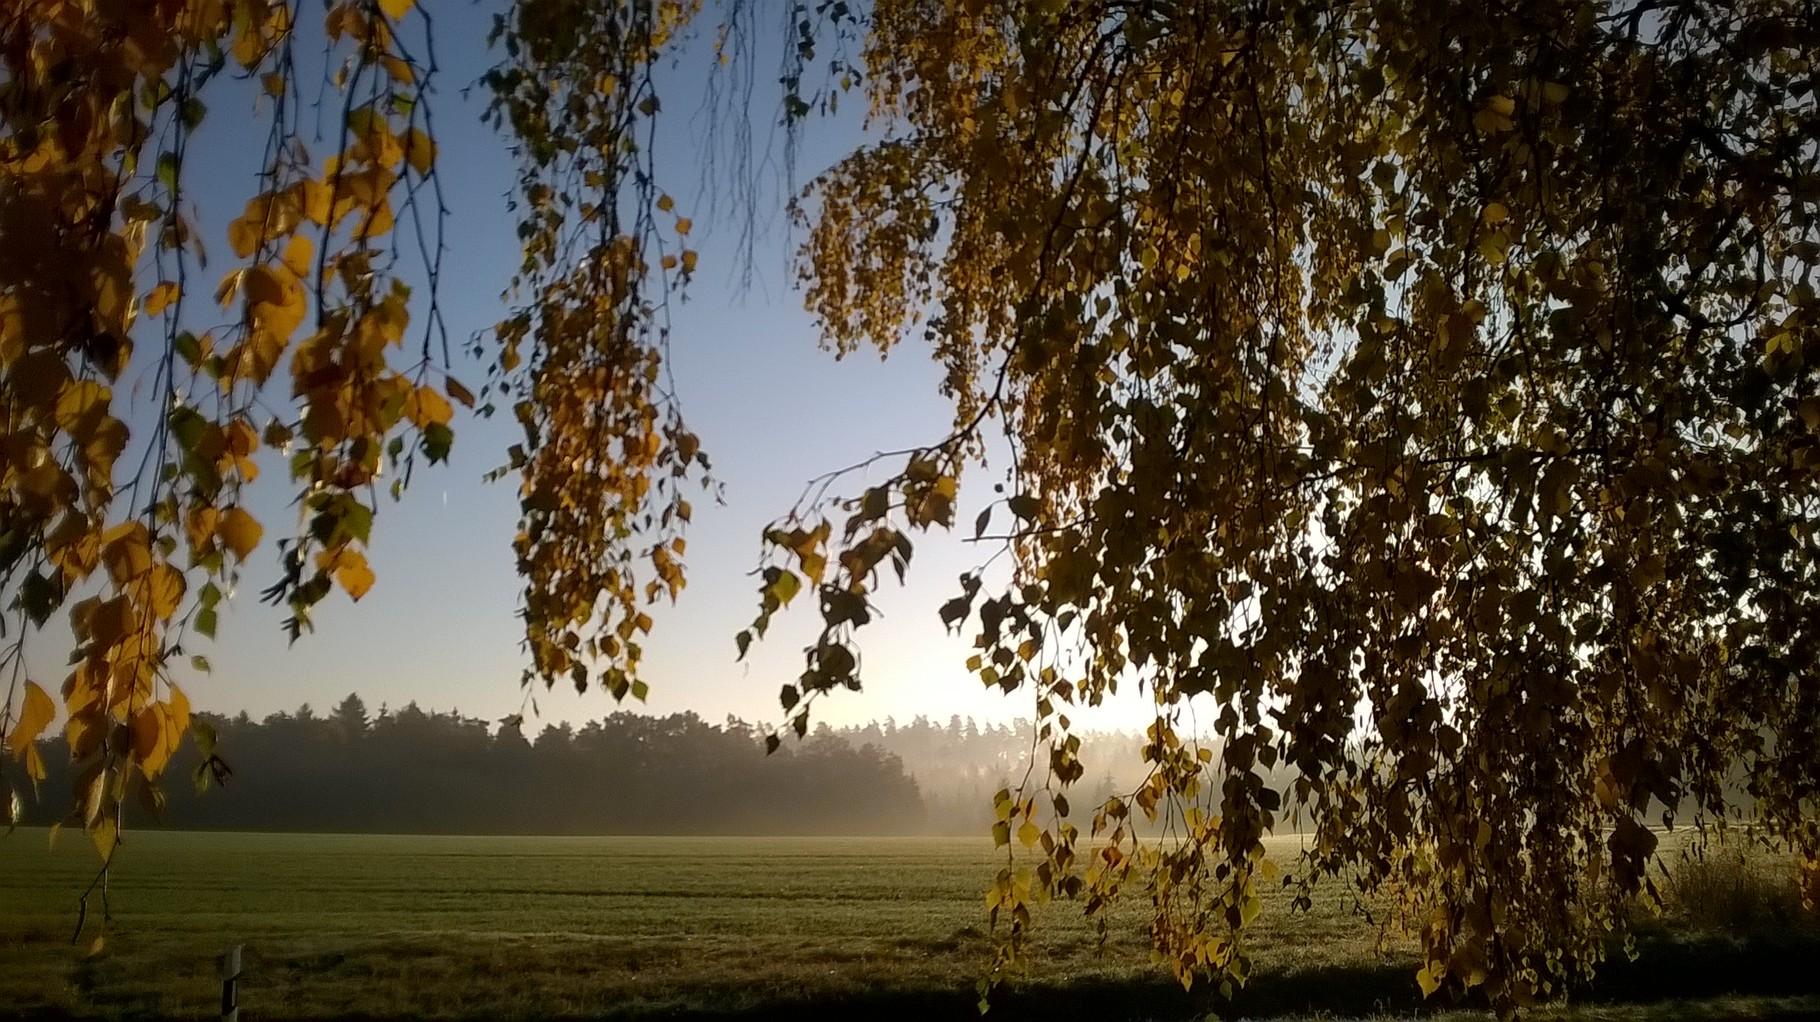 Herbstimpression 2 - meines Coaching-Aussenbereichs